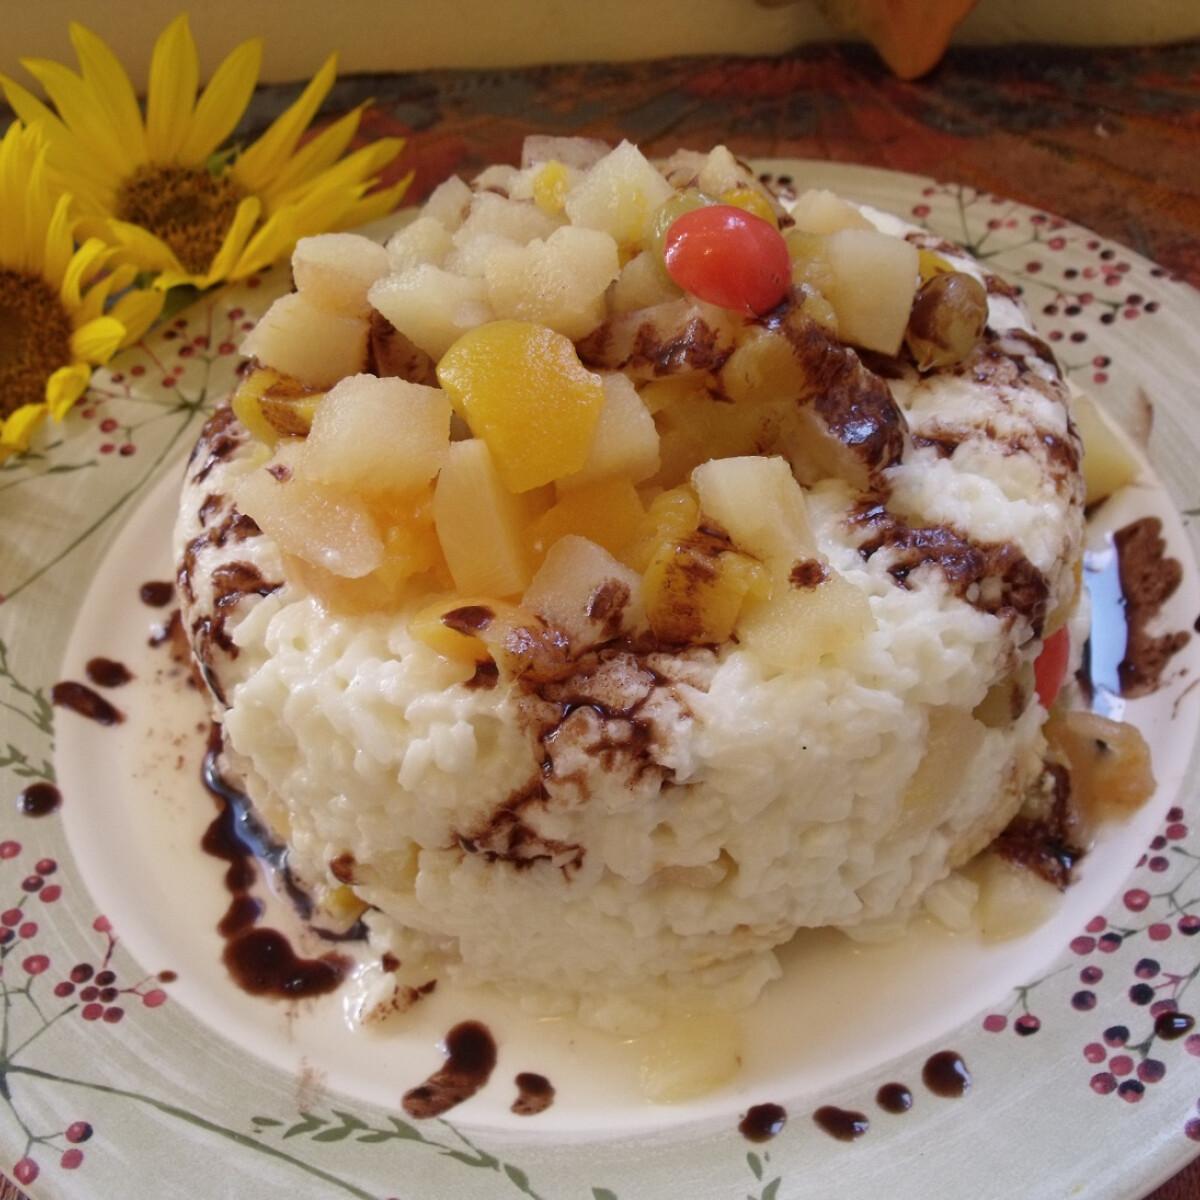 Ezen a képen: Borított trópusi gyümölcsrizs keksszel